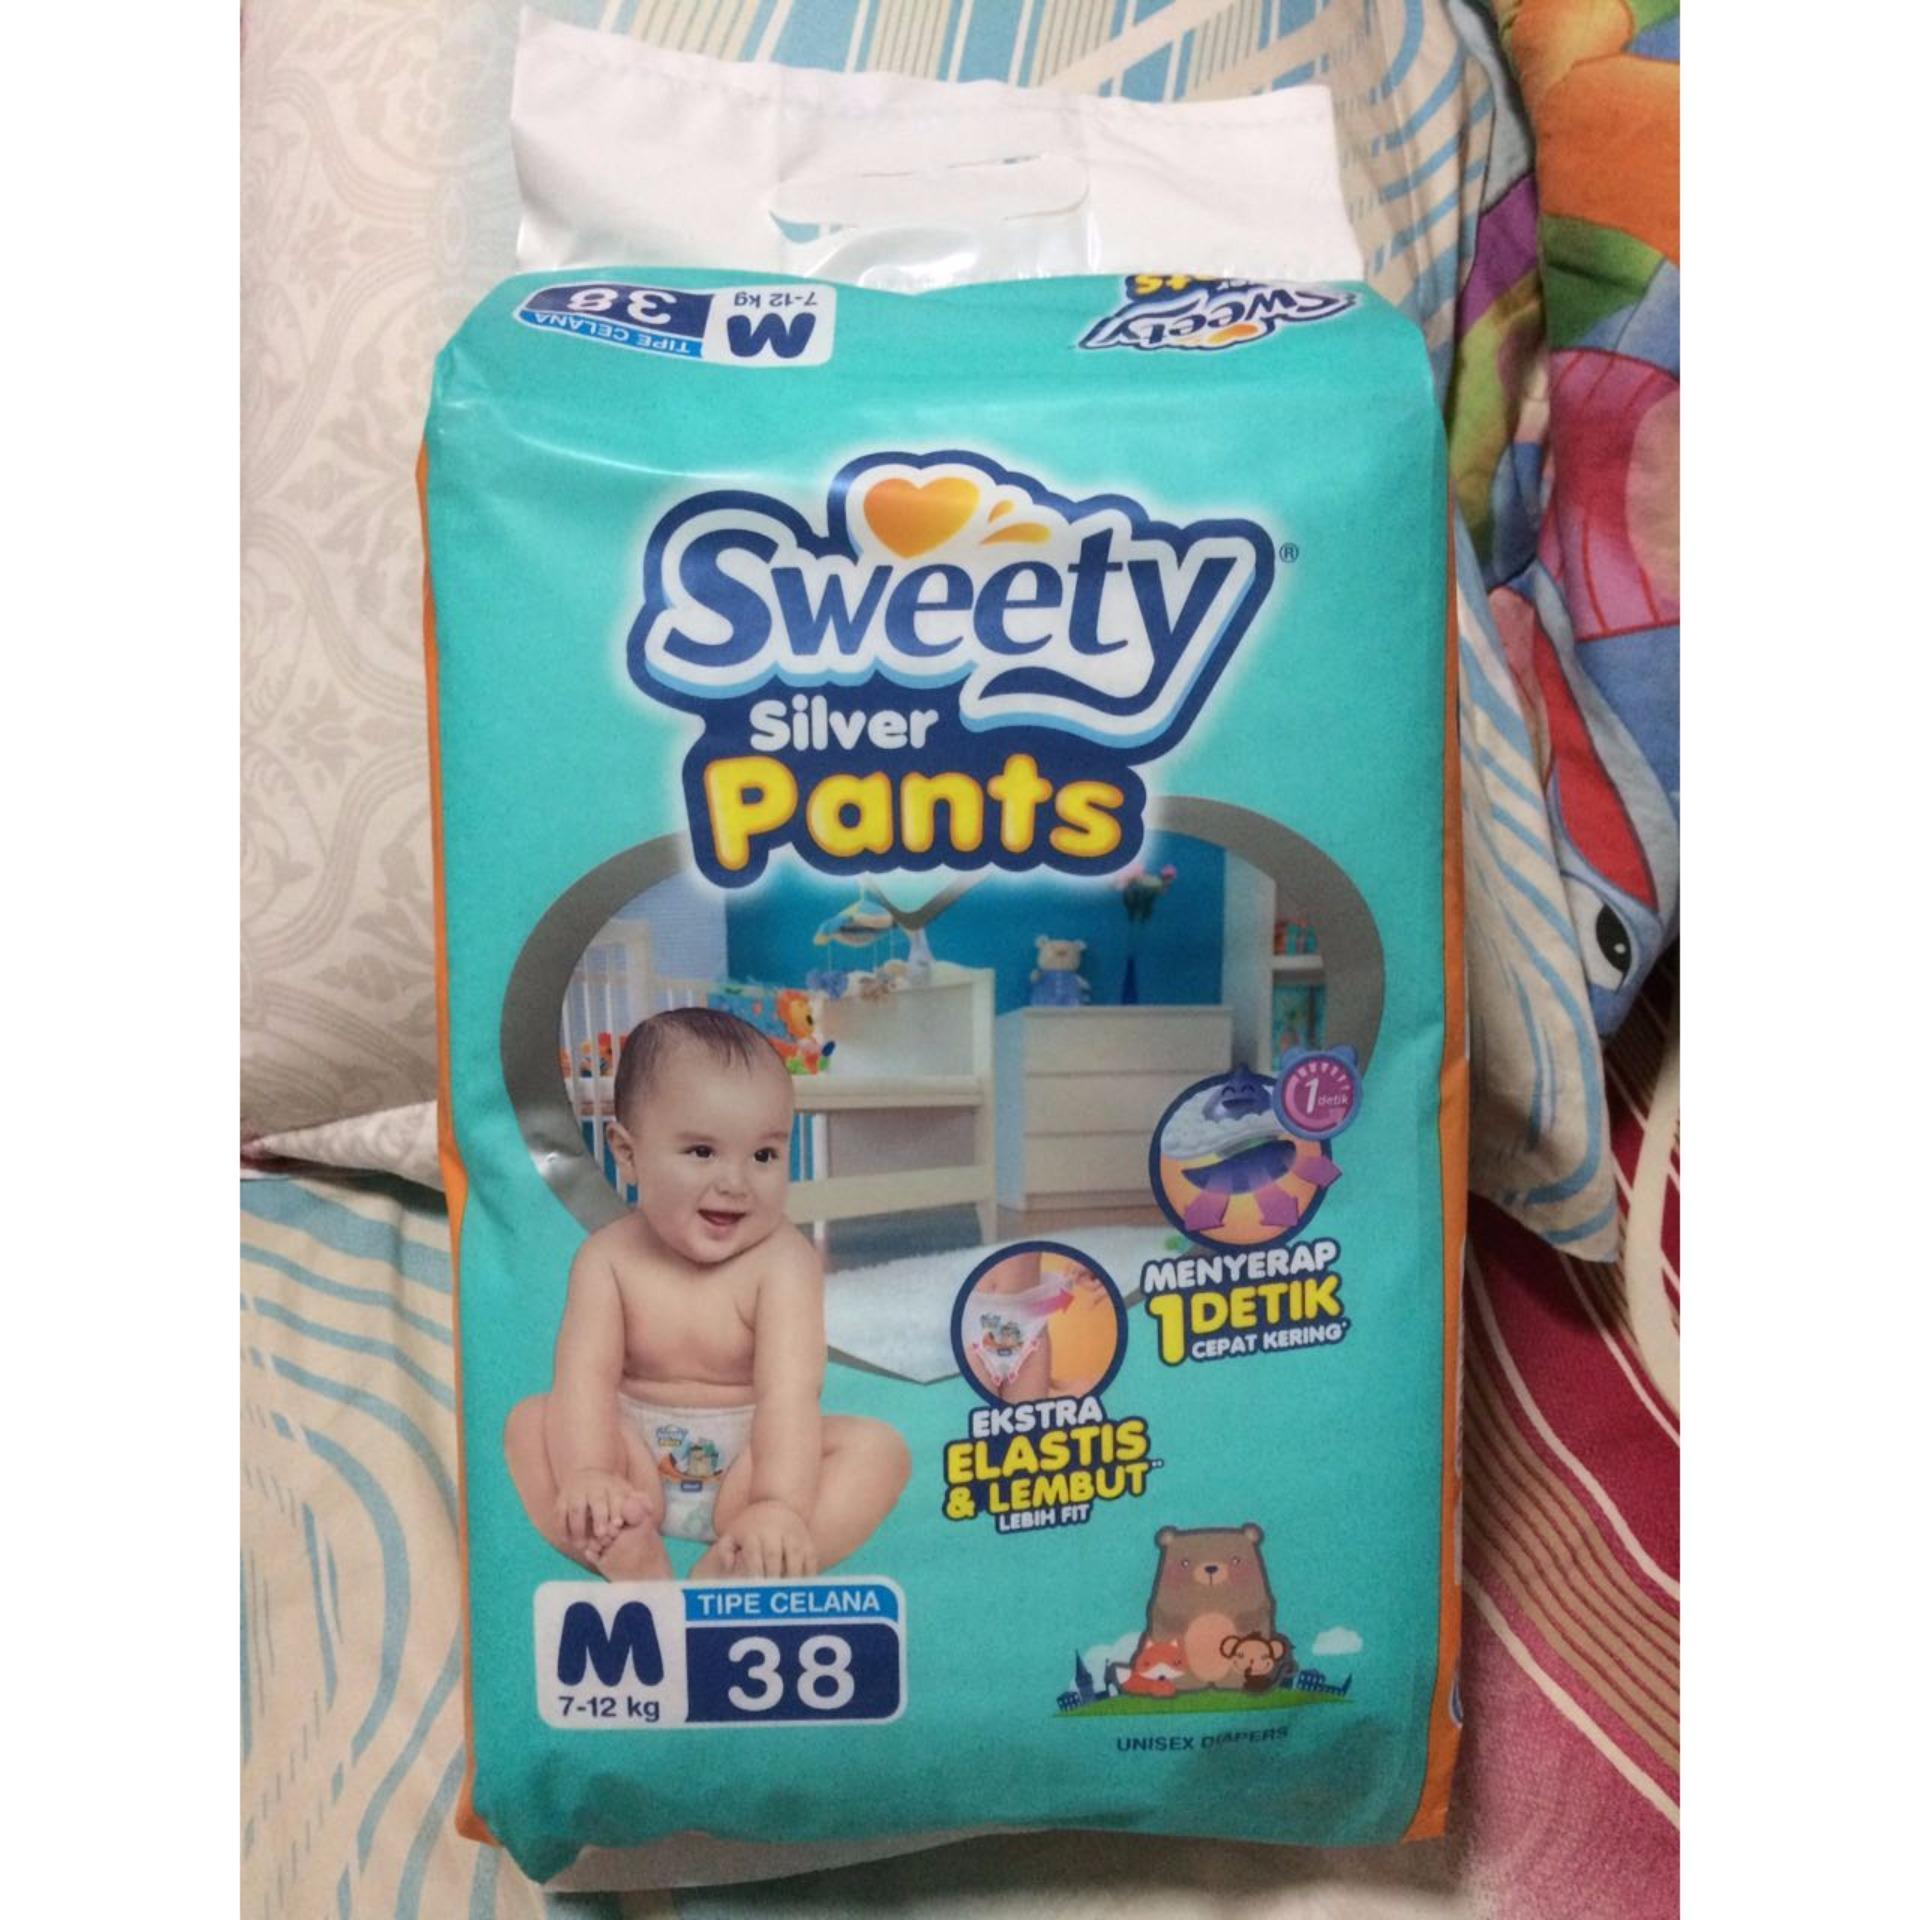 Penawaran Sweety Silver Pants Popok Bayi Dan Anak Unisex Diapers Mamypoko Standar Xl 38 Pulau Jawa Only Desain Lucu Keren Tipe Celana Size M